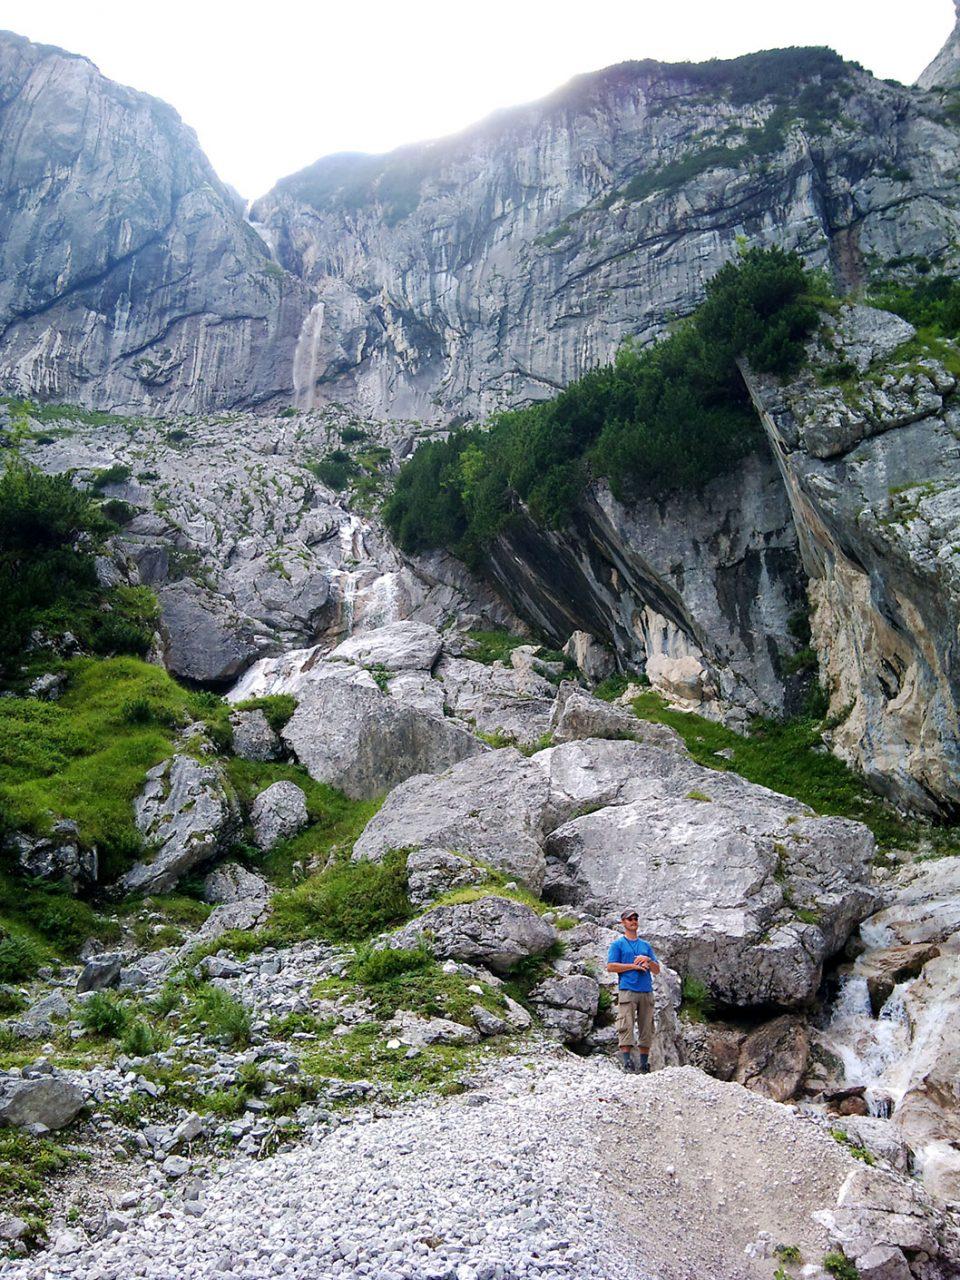 Am Ende des Höllentals wartet Einsamkeit und Ruhe. Und ein Wasserfall, der fast ausschließlich vom gleichnamigen Gletscher gespeist wird. Dementsprechend kalt war das Wasser.